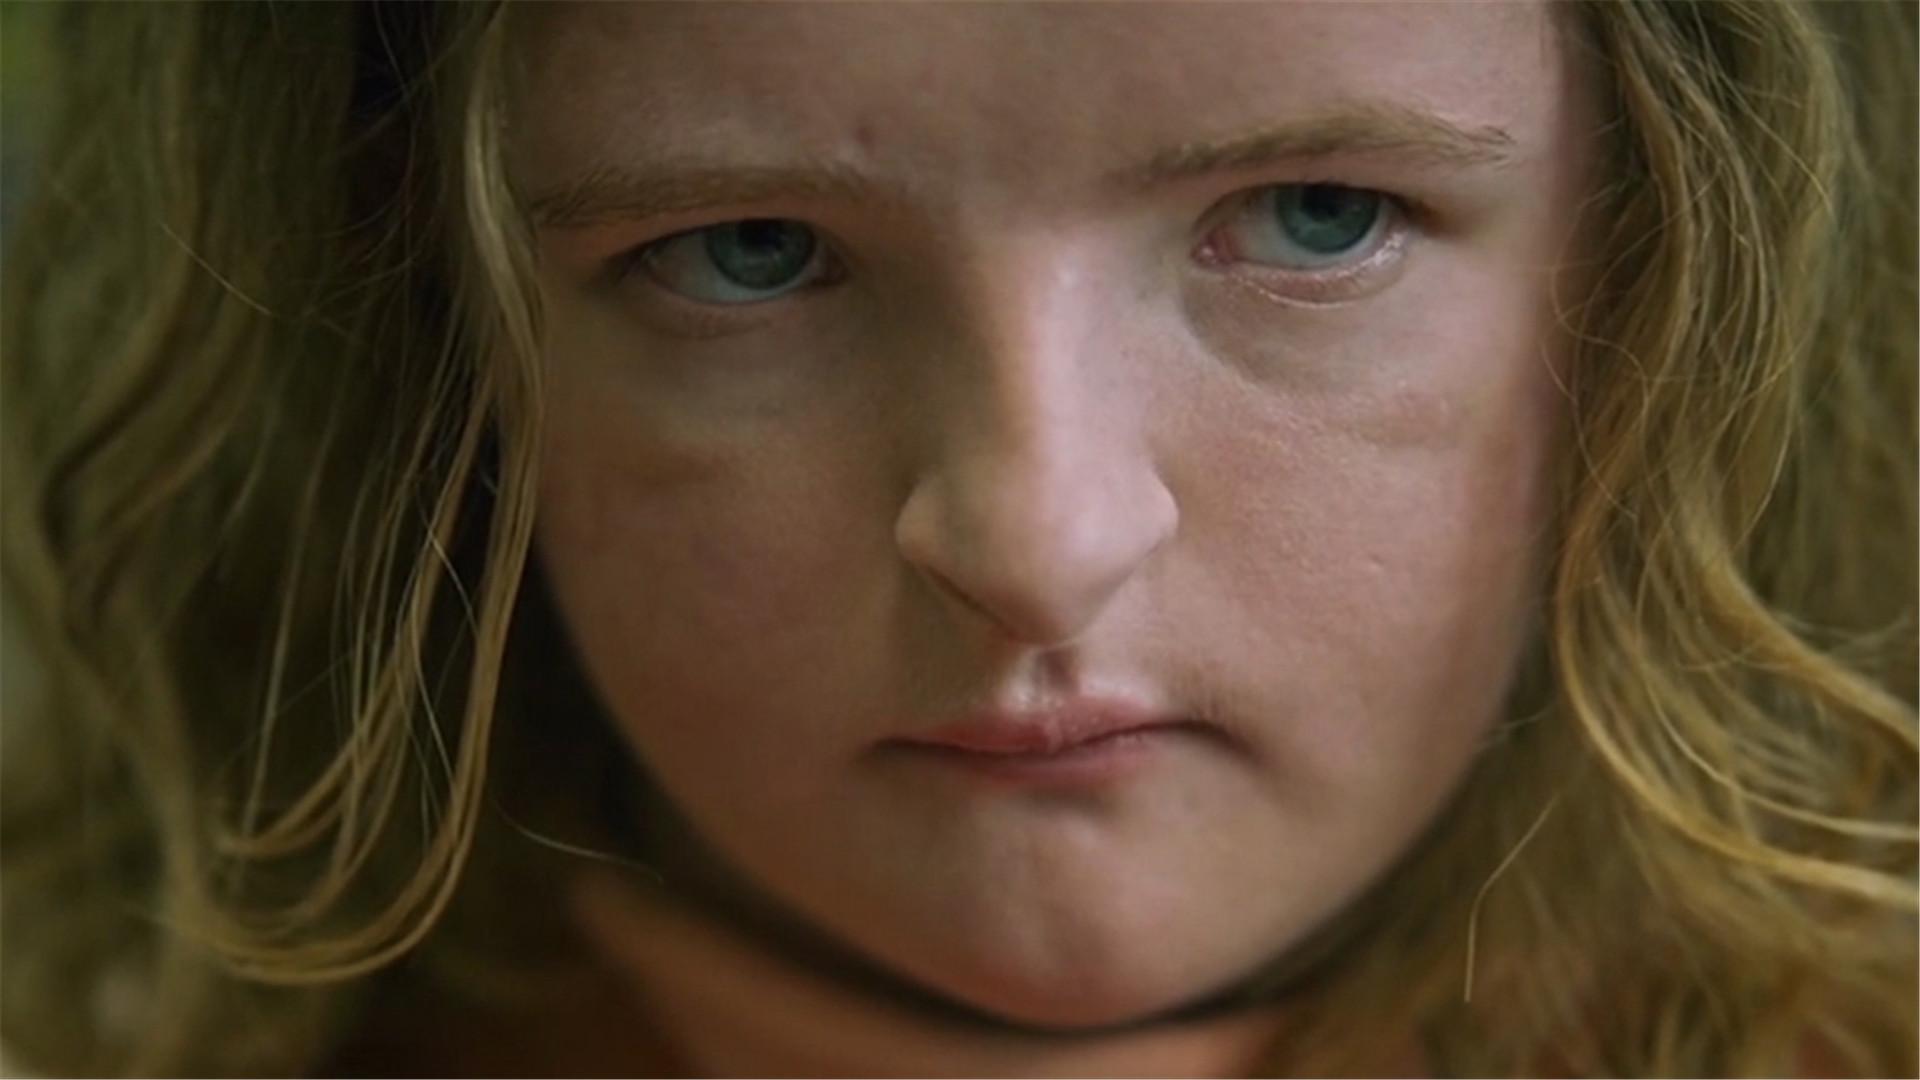 #惊悚看电影#近期高评分的恐怖电影《遗传厄运》,看这小女孩的鼻子我都害怕